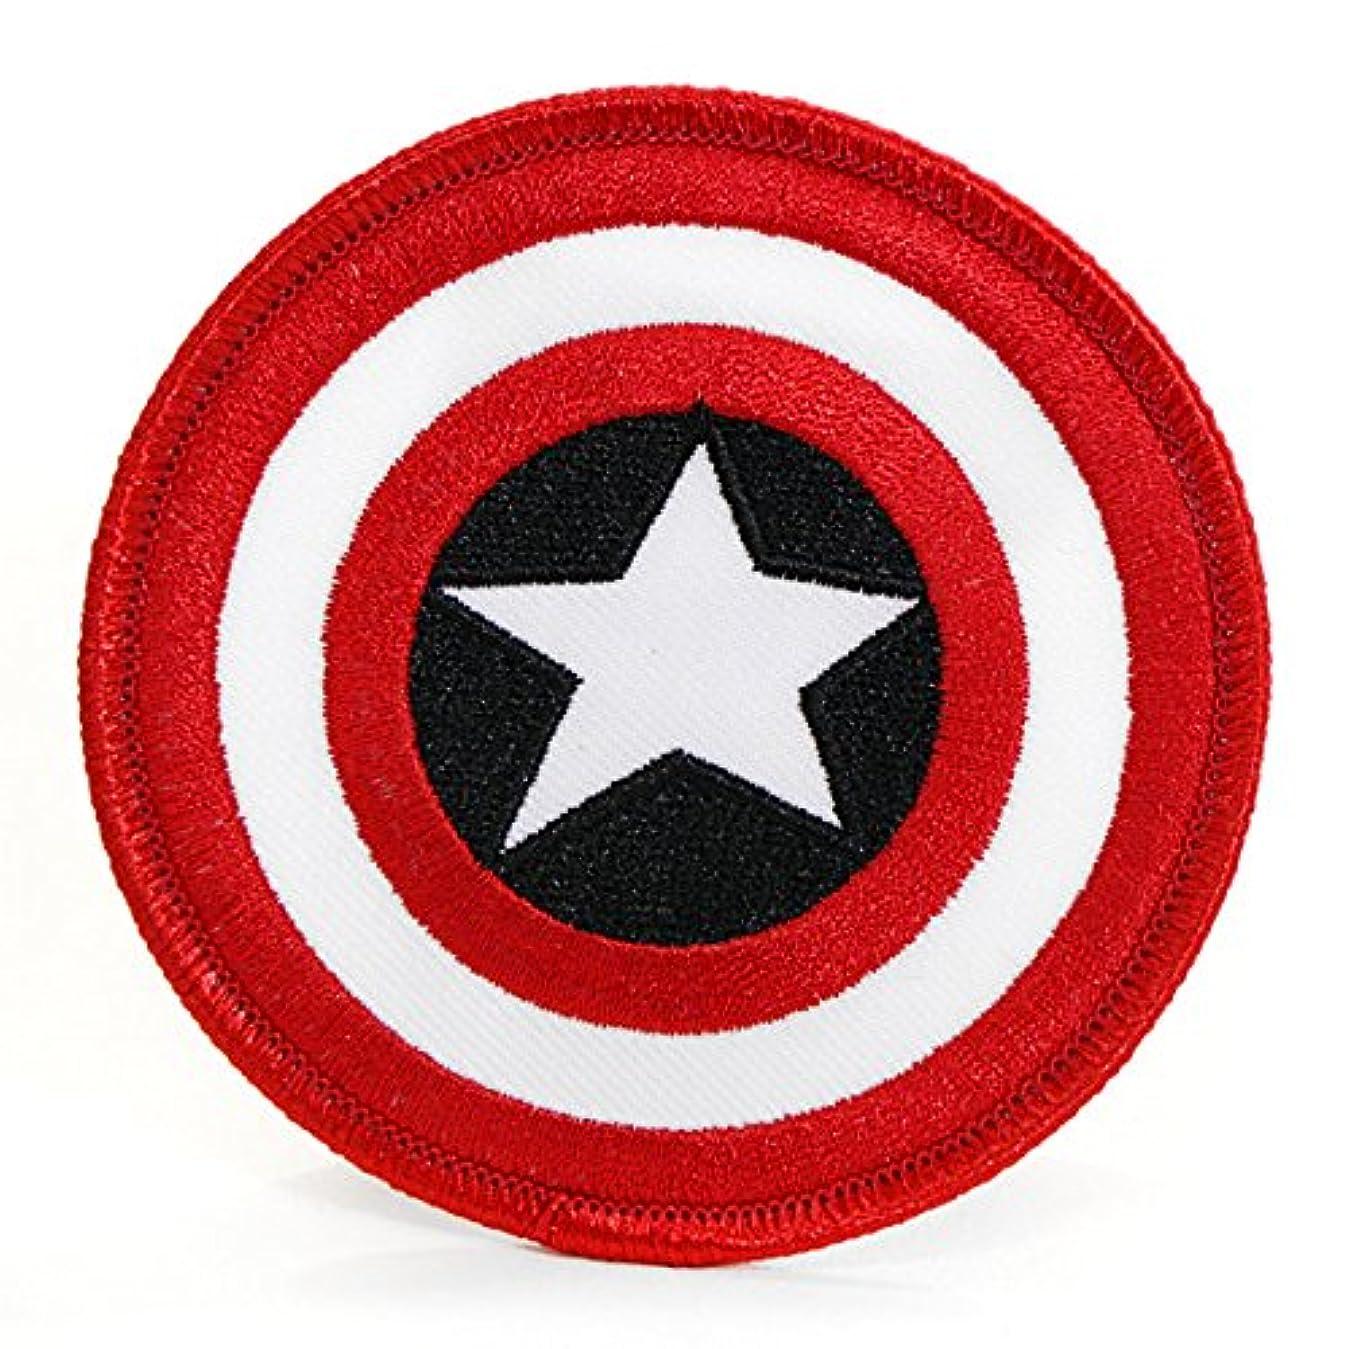 山遅れ夜の動物園Marvel(マーベル) Captain America(キャプテン・アメリカ) Shield ワッペン/パッチ